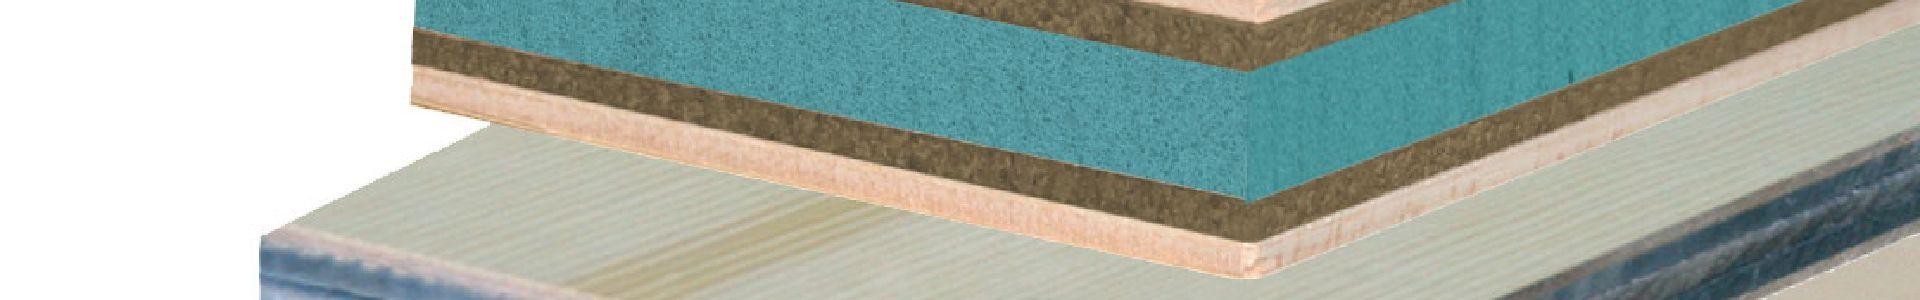 Schalldämmende Sandwichplatten